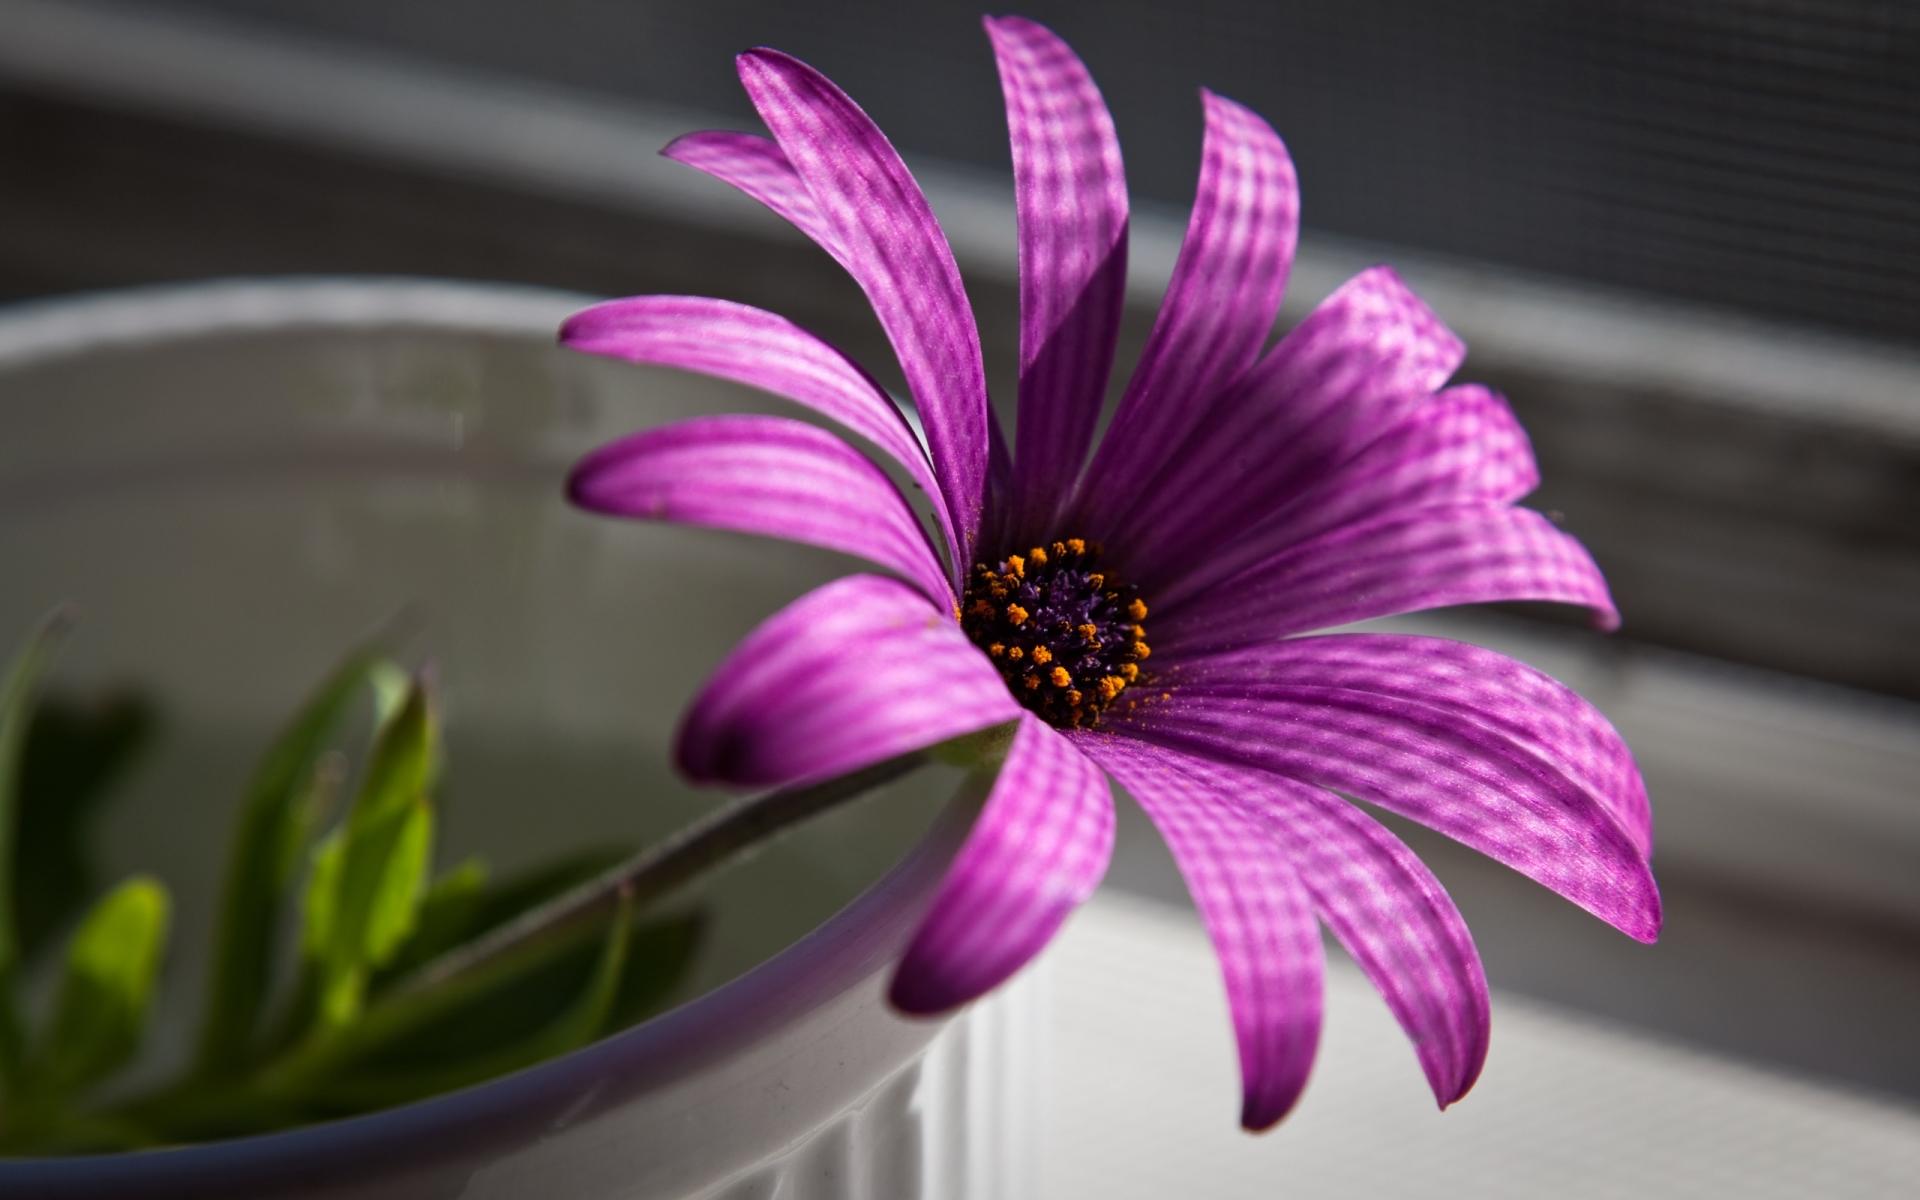 Flor purpura - 1920x1200